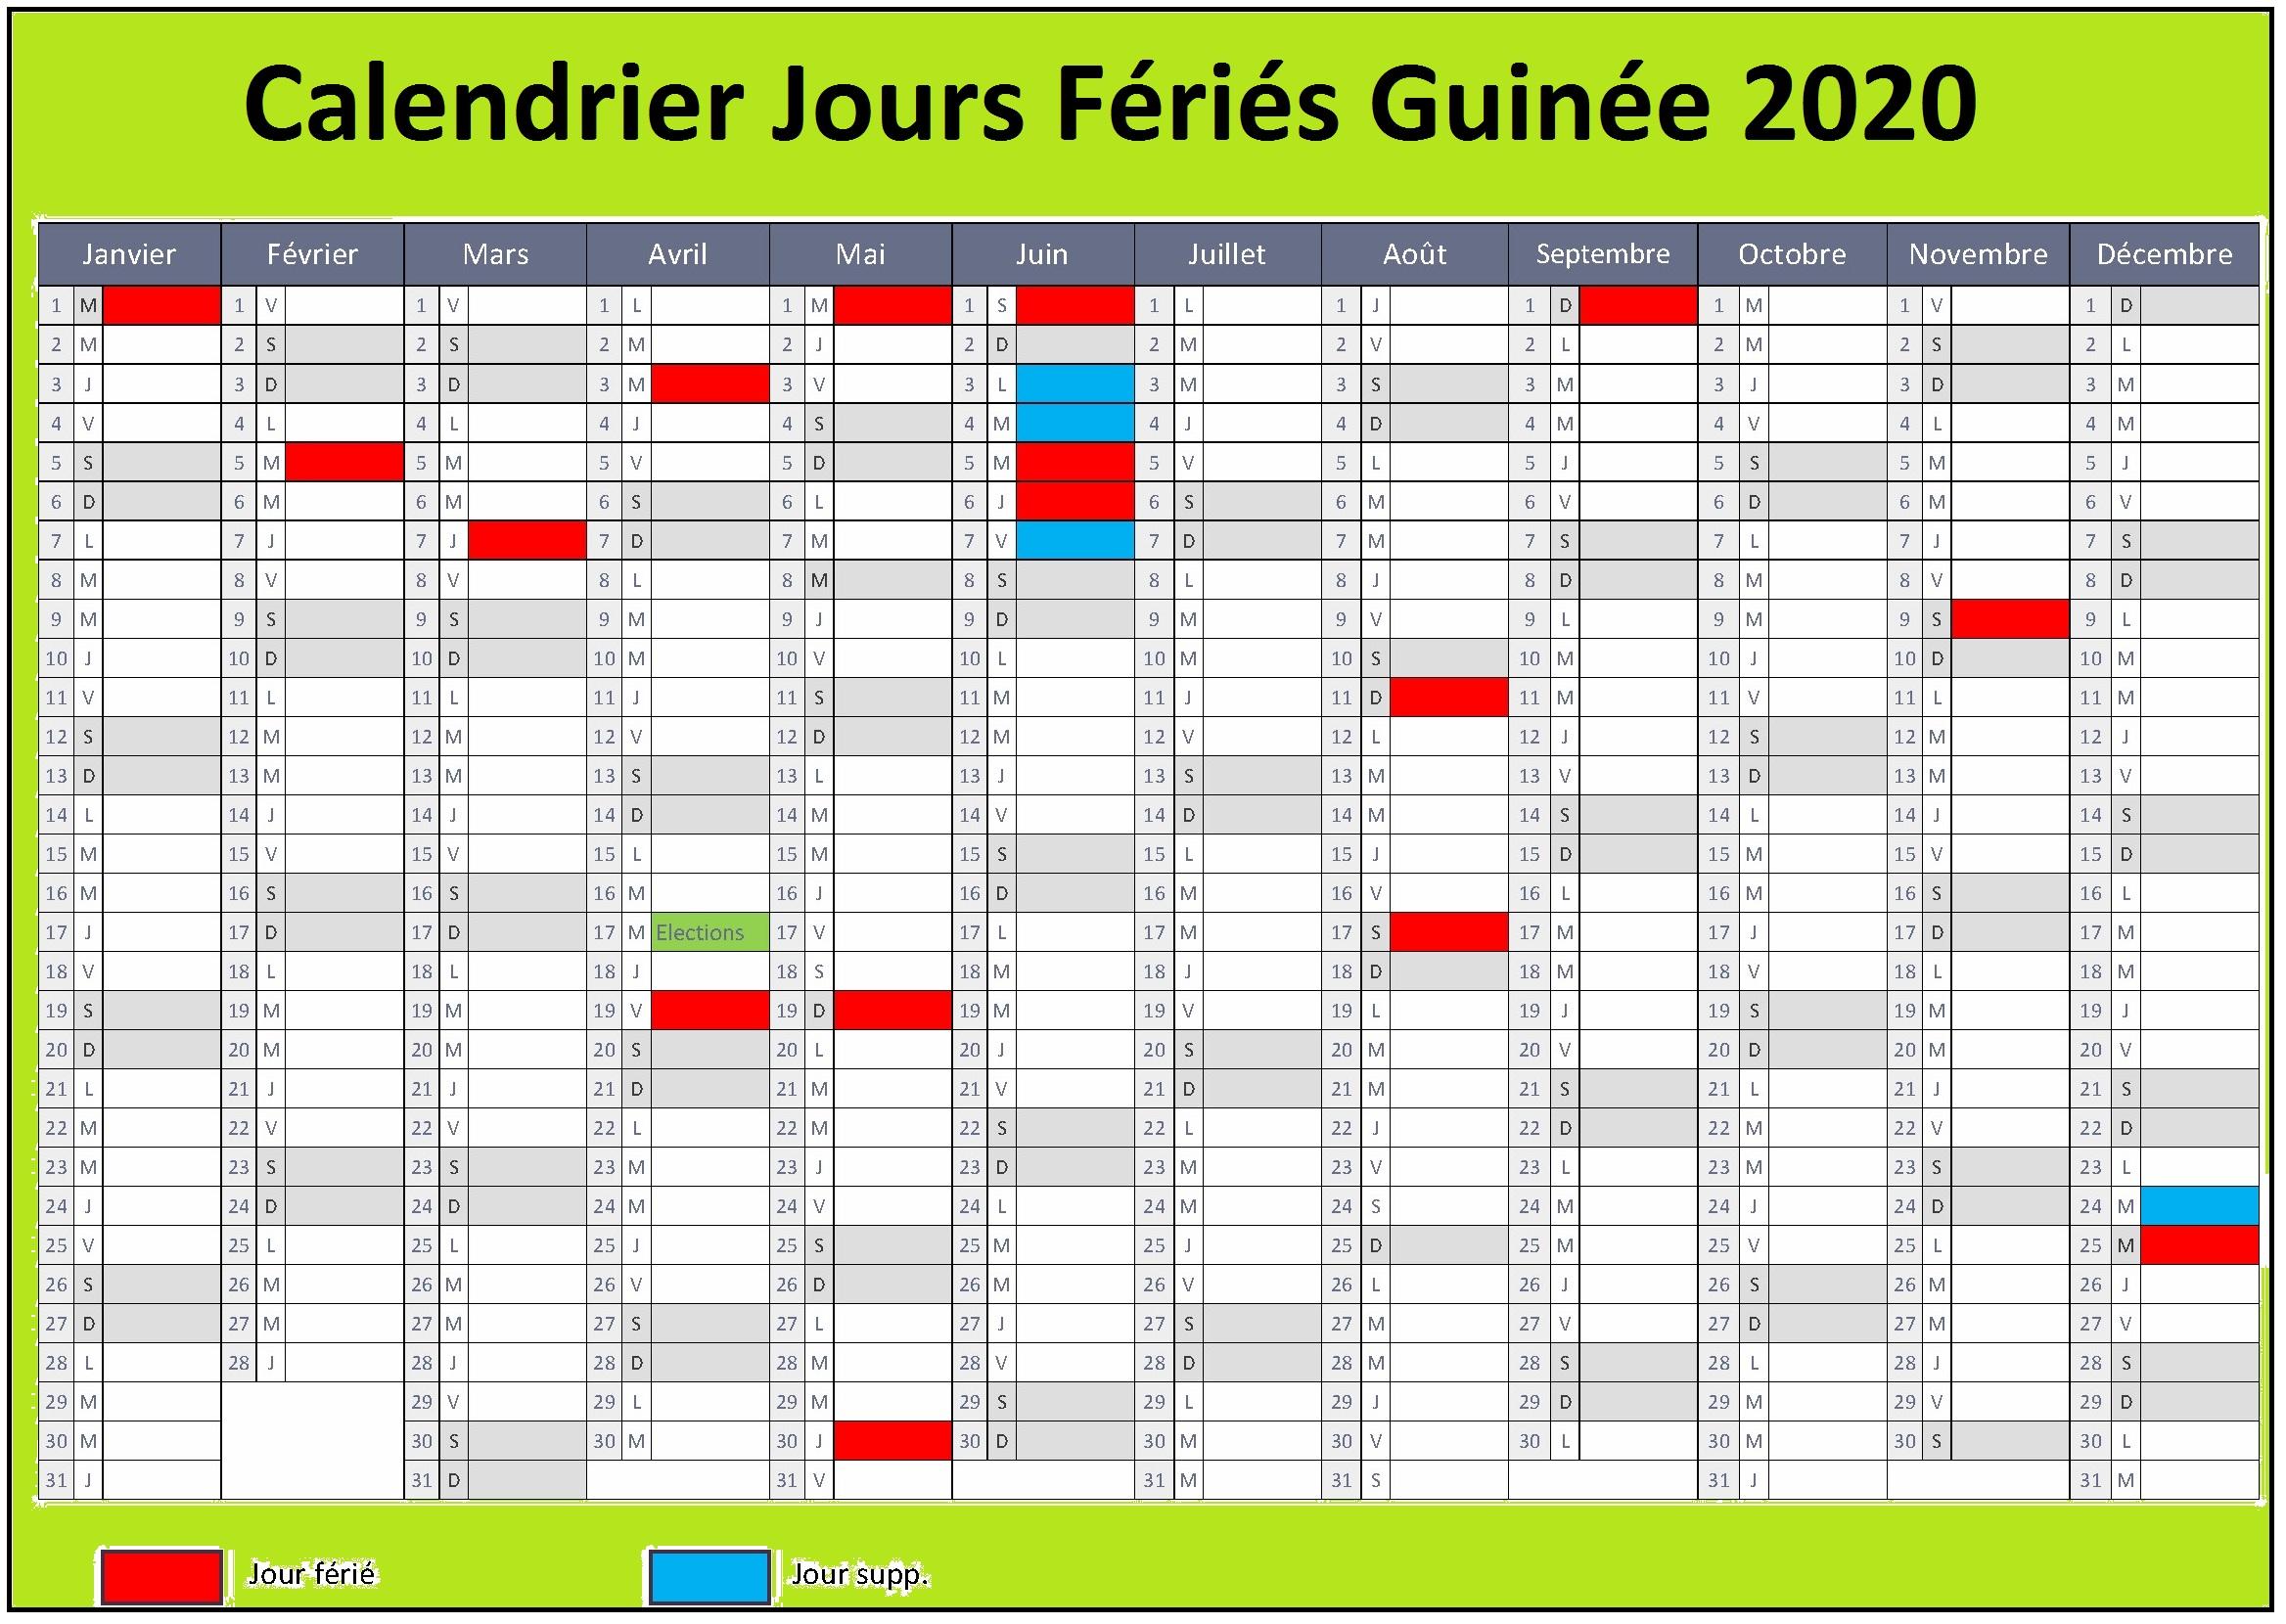 Les Jours Fériés Guinée 2020